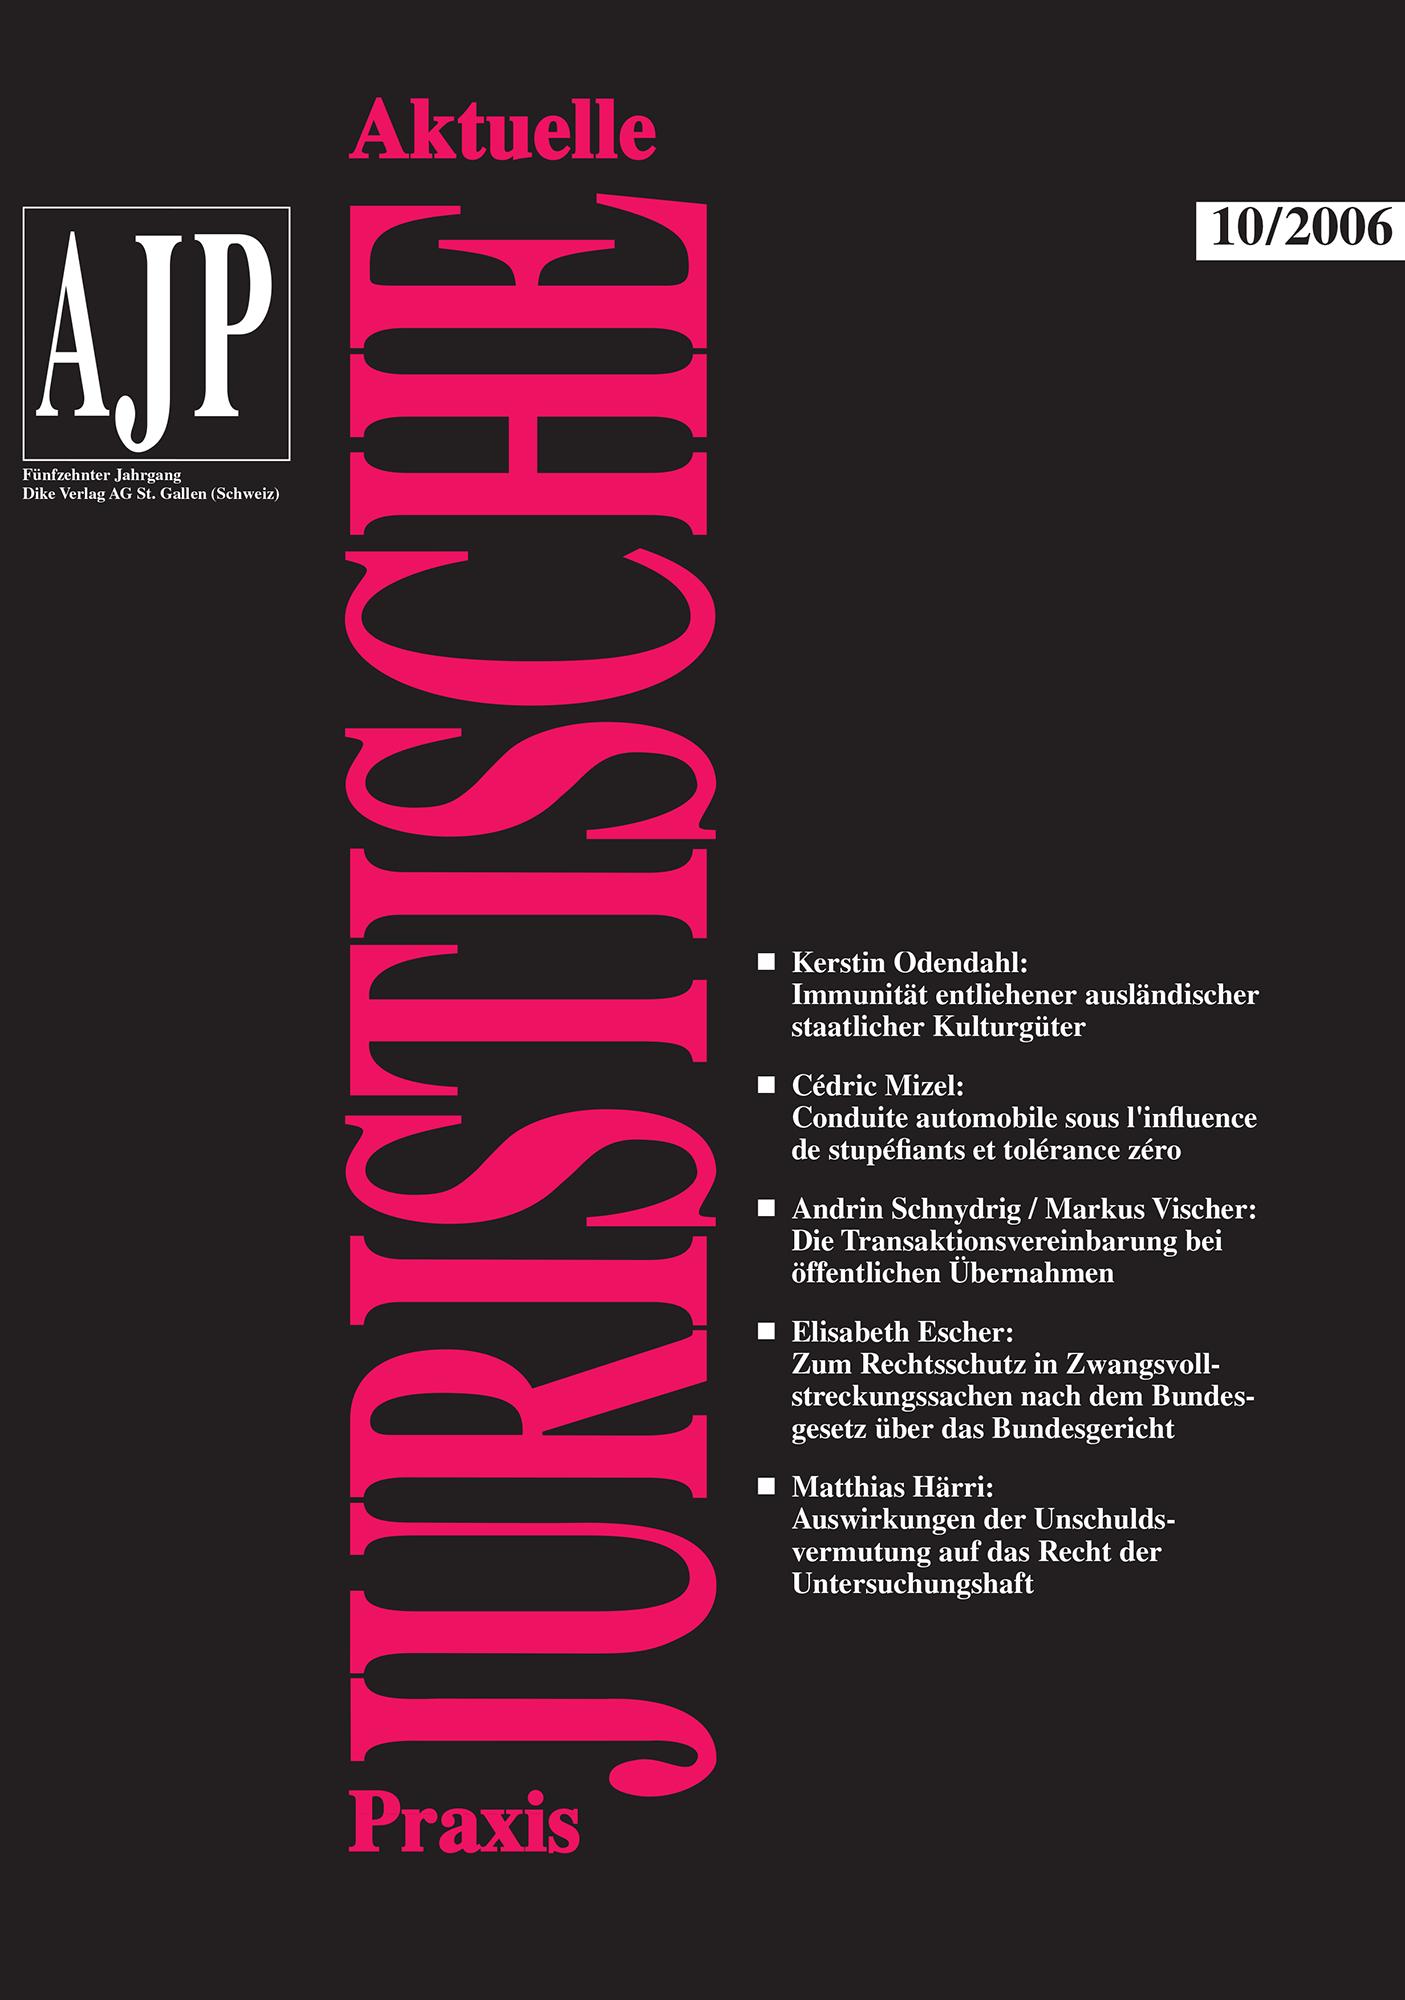 AJP/PJA 10/2006